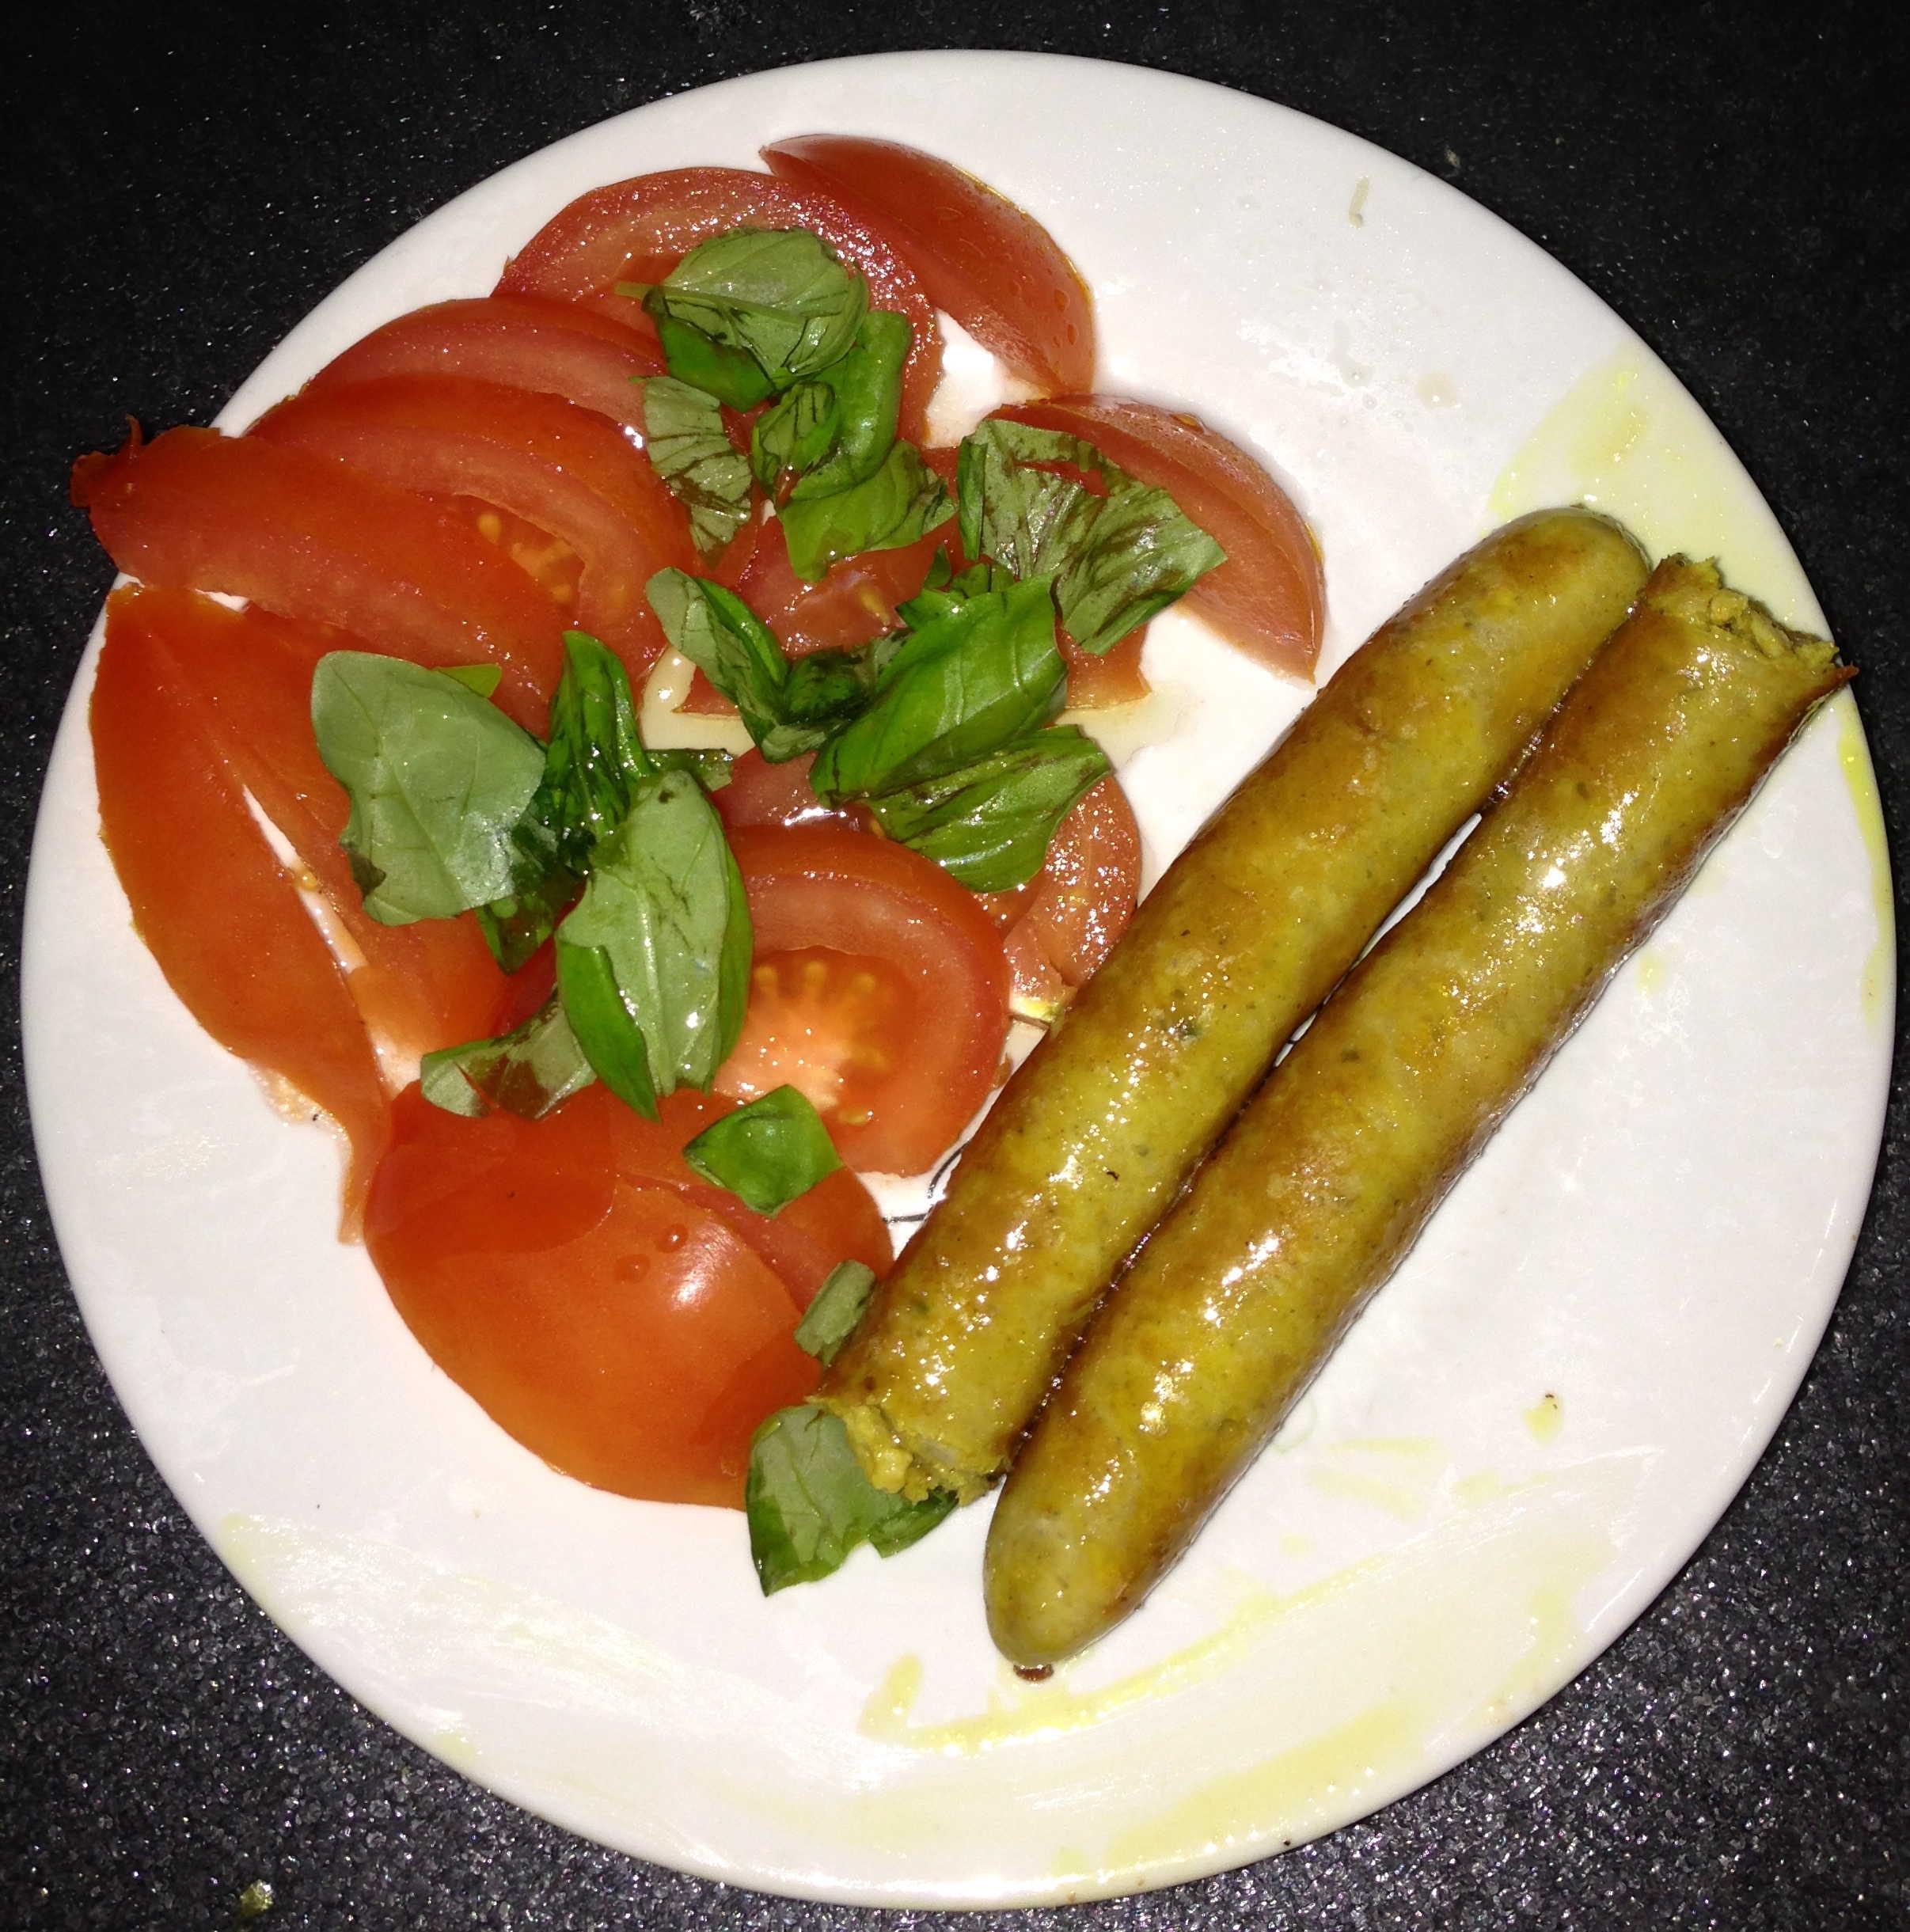 Curry-Bratwurst, laktose- und glutenfrei, Metzgerei Arnold, Bad Zurzach